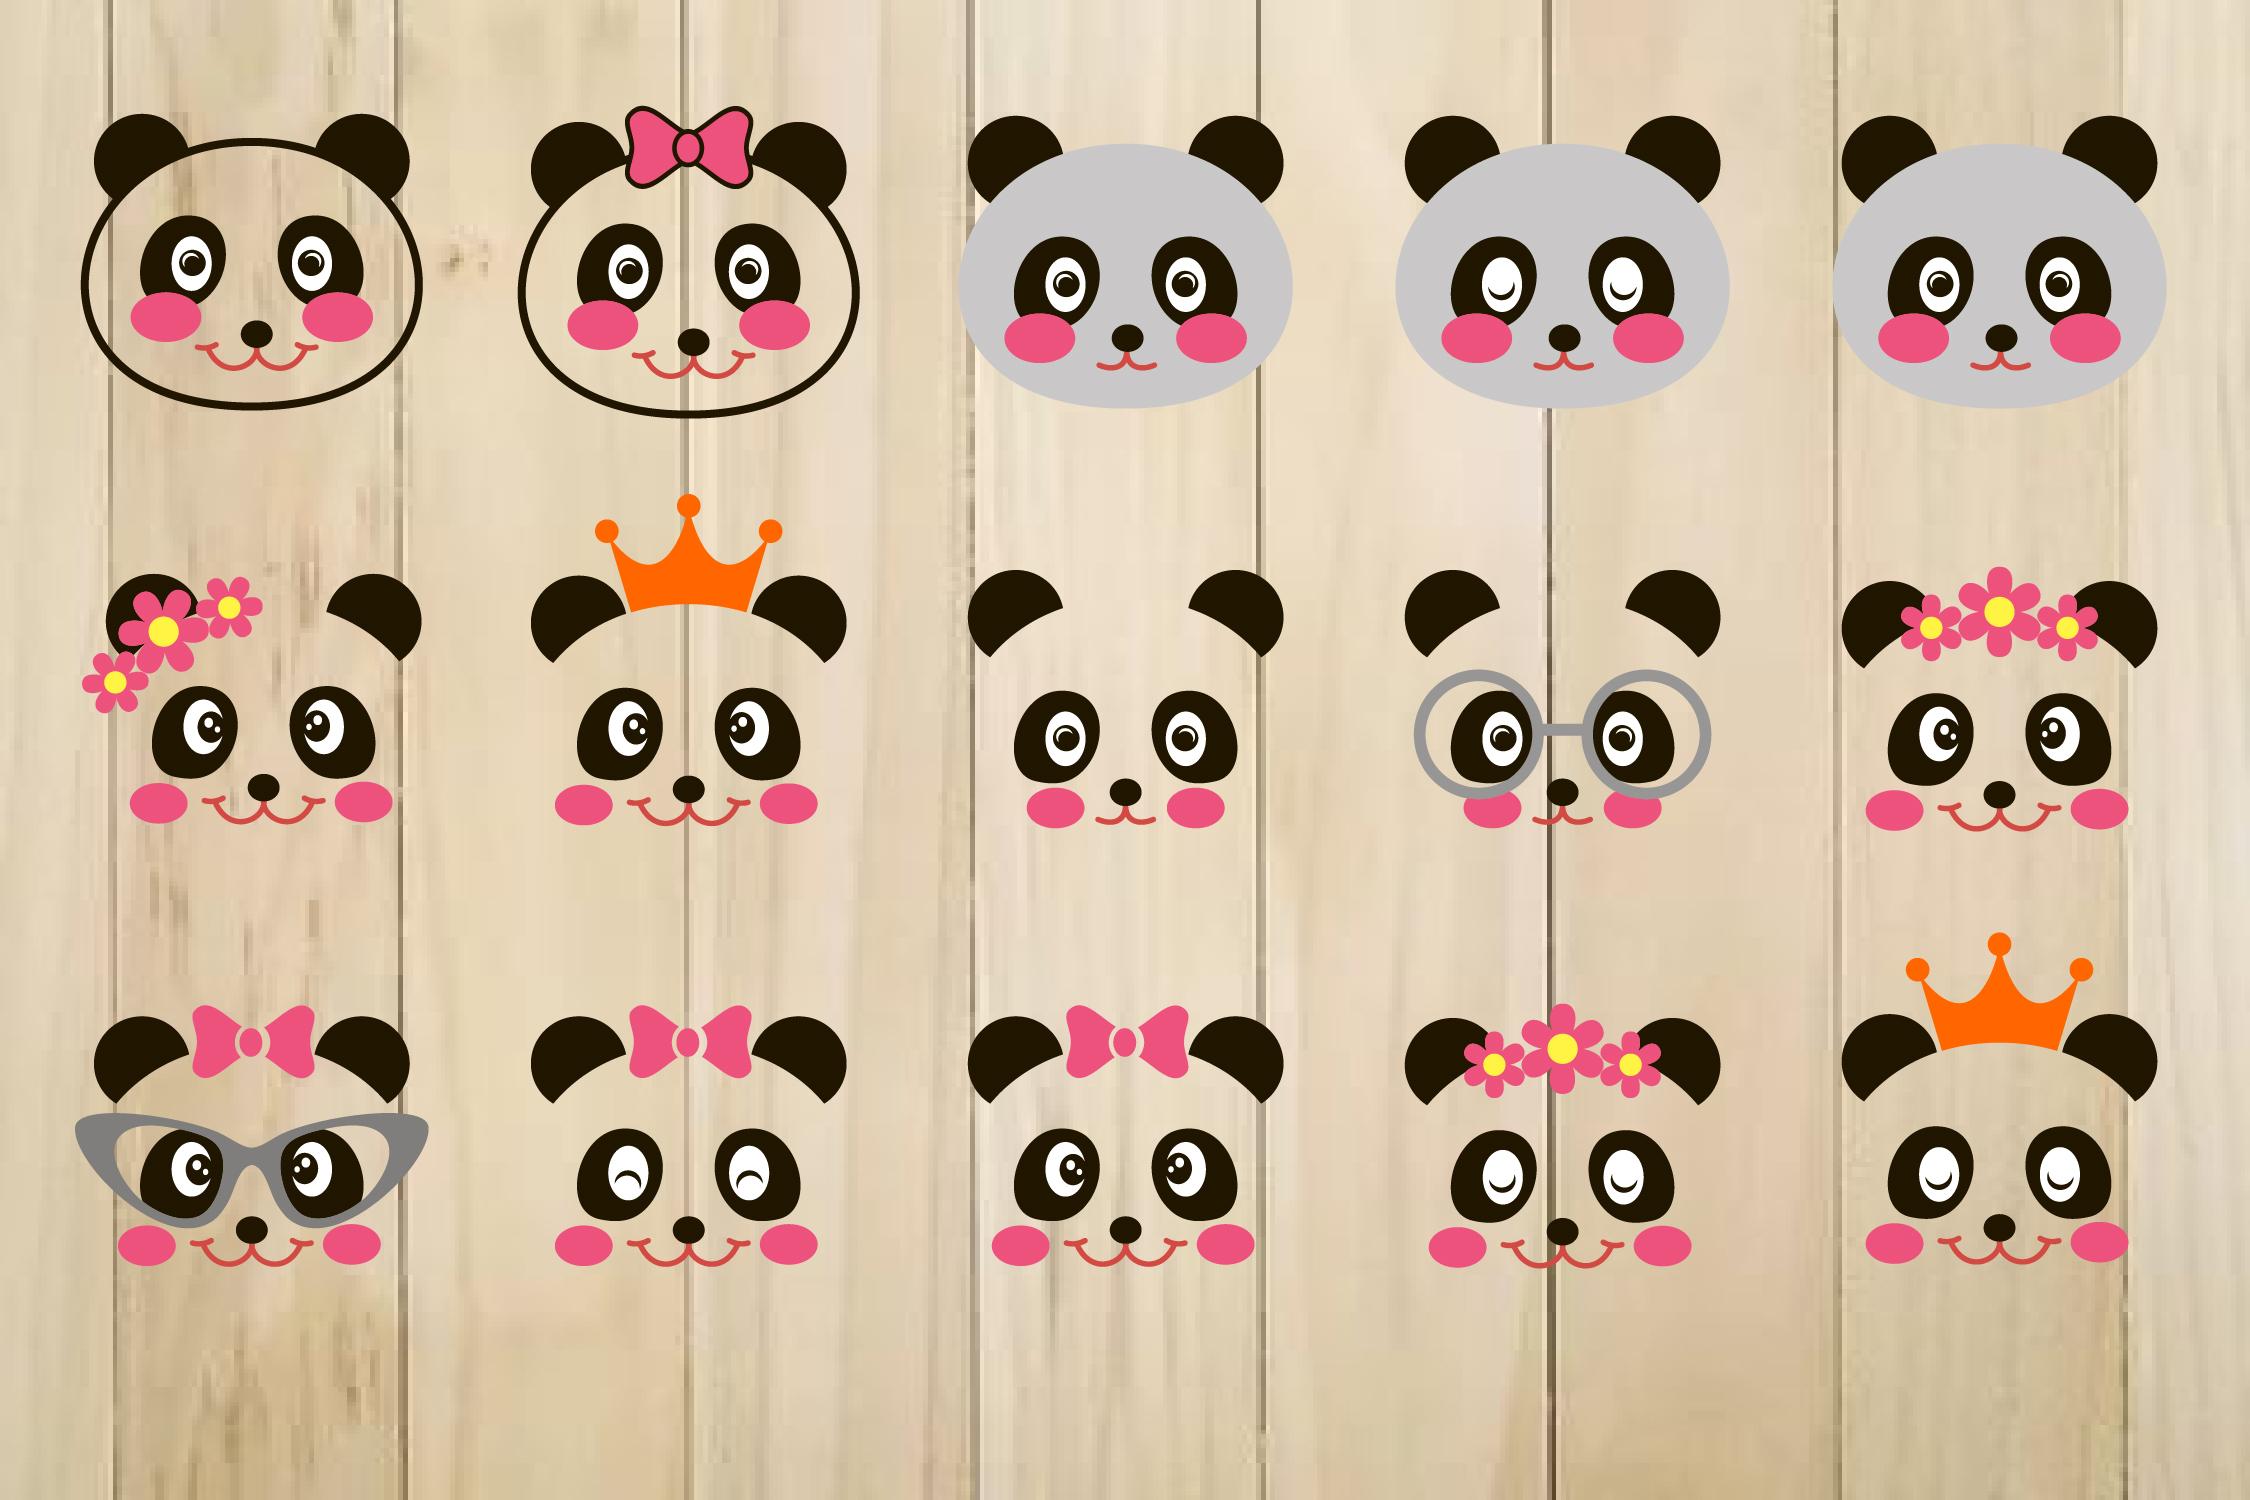 Panda SVG, Panda Face Svg, Panda Clip Art, Panda Head Svg example image 1